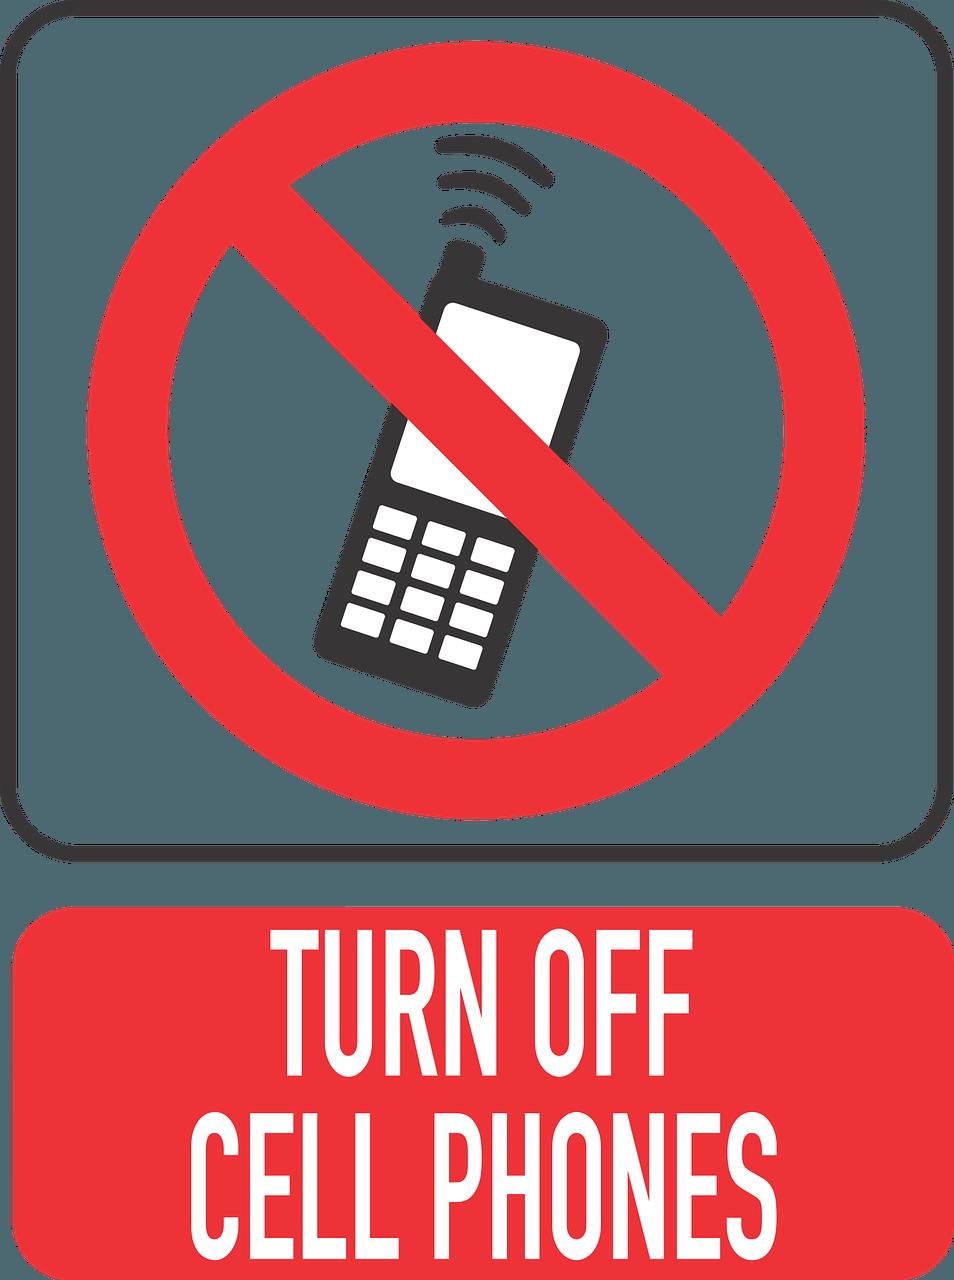 In Frankrijk wordt een mobiele telefoon op school verboden